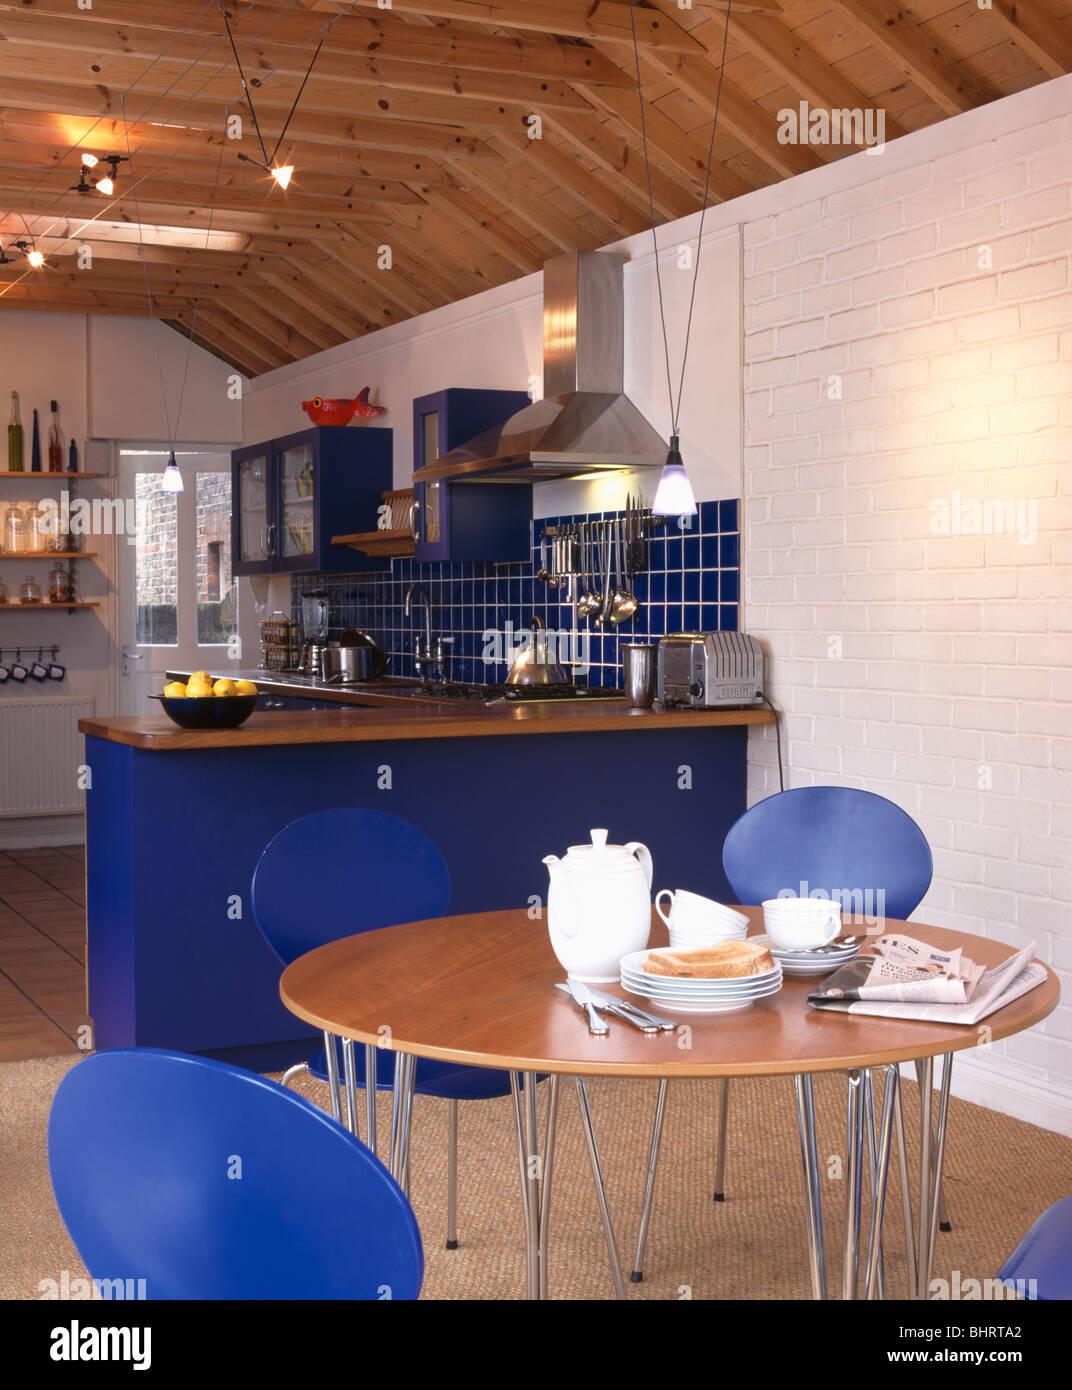 Service à Café Blanc Circulaire Sur Table Avec Chaises Bleues Dans La  Région De Coin Repas De Cuisine Moderne Avec Unités Bleu Vif Et Mur Peint